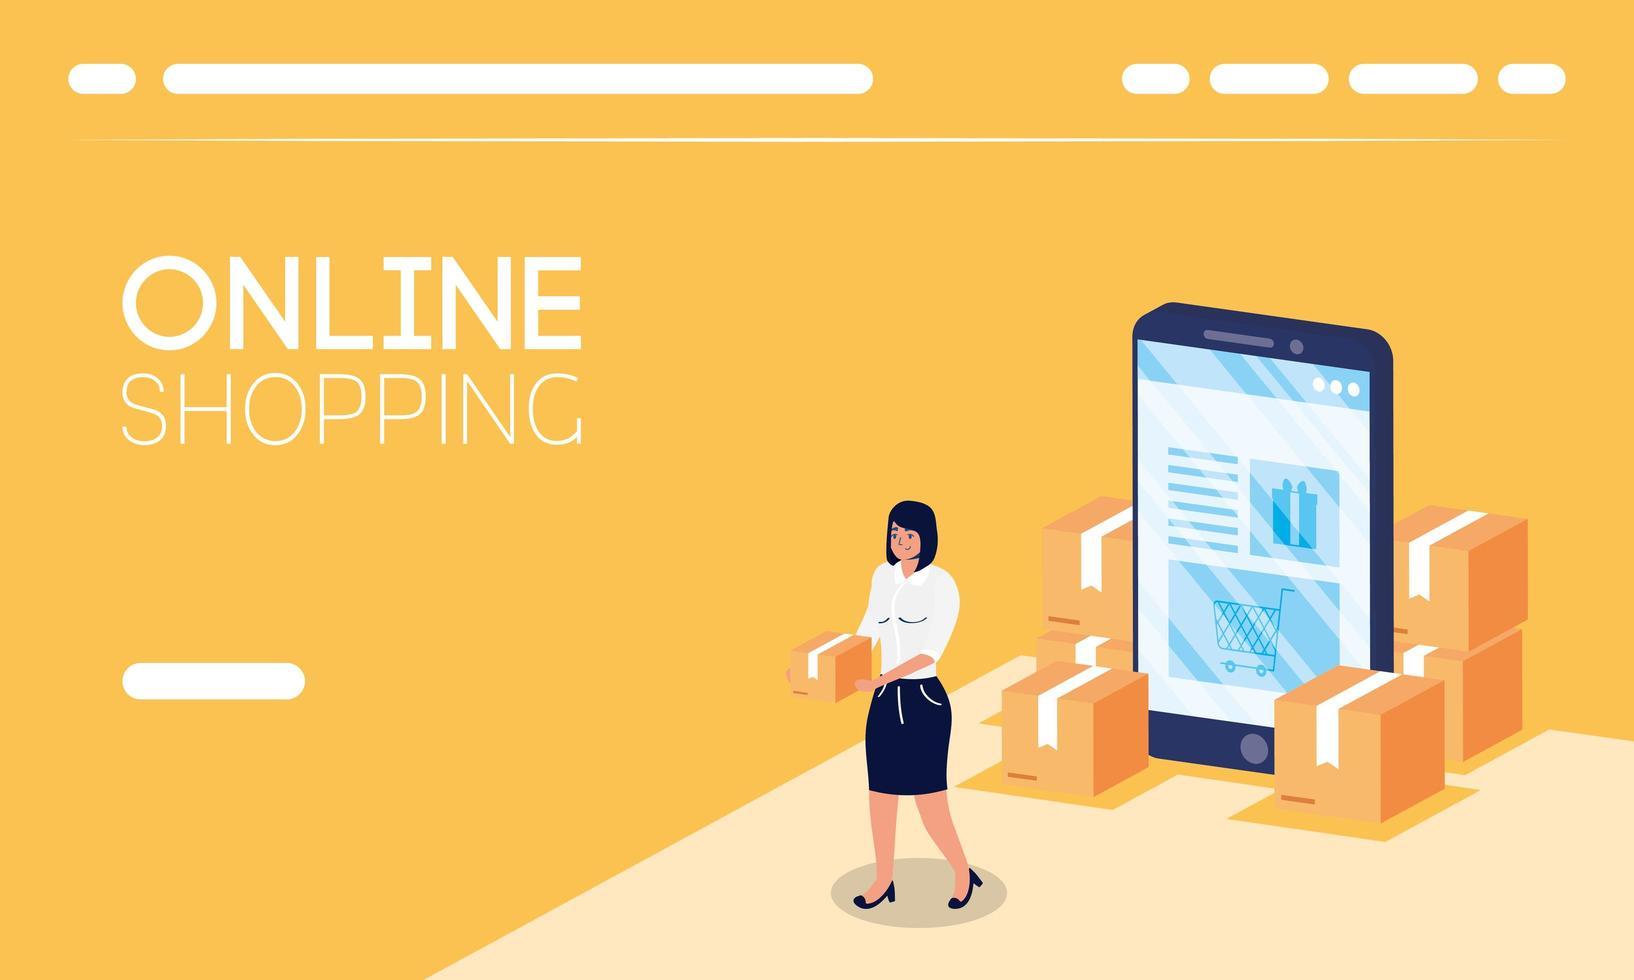 faire des achats en ligne avec une femme soulevant des boîtes et un smartphone vecteur